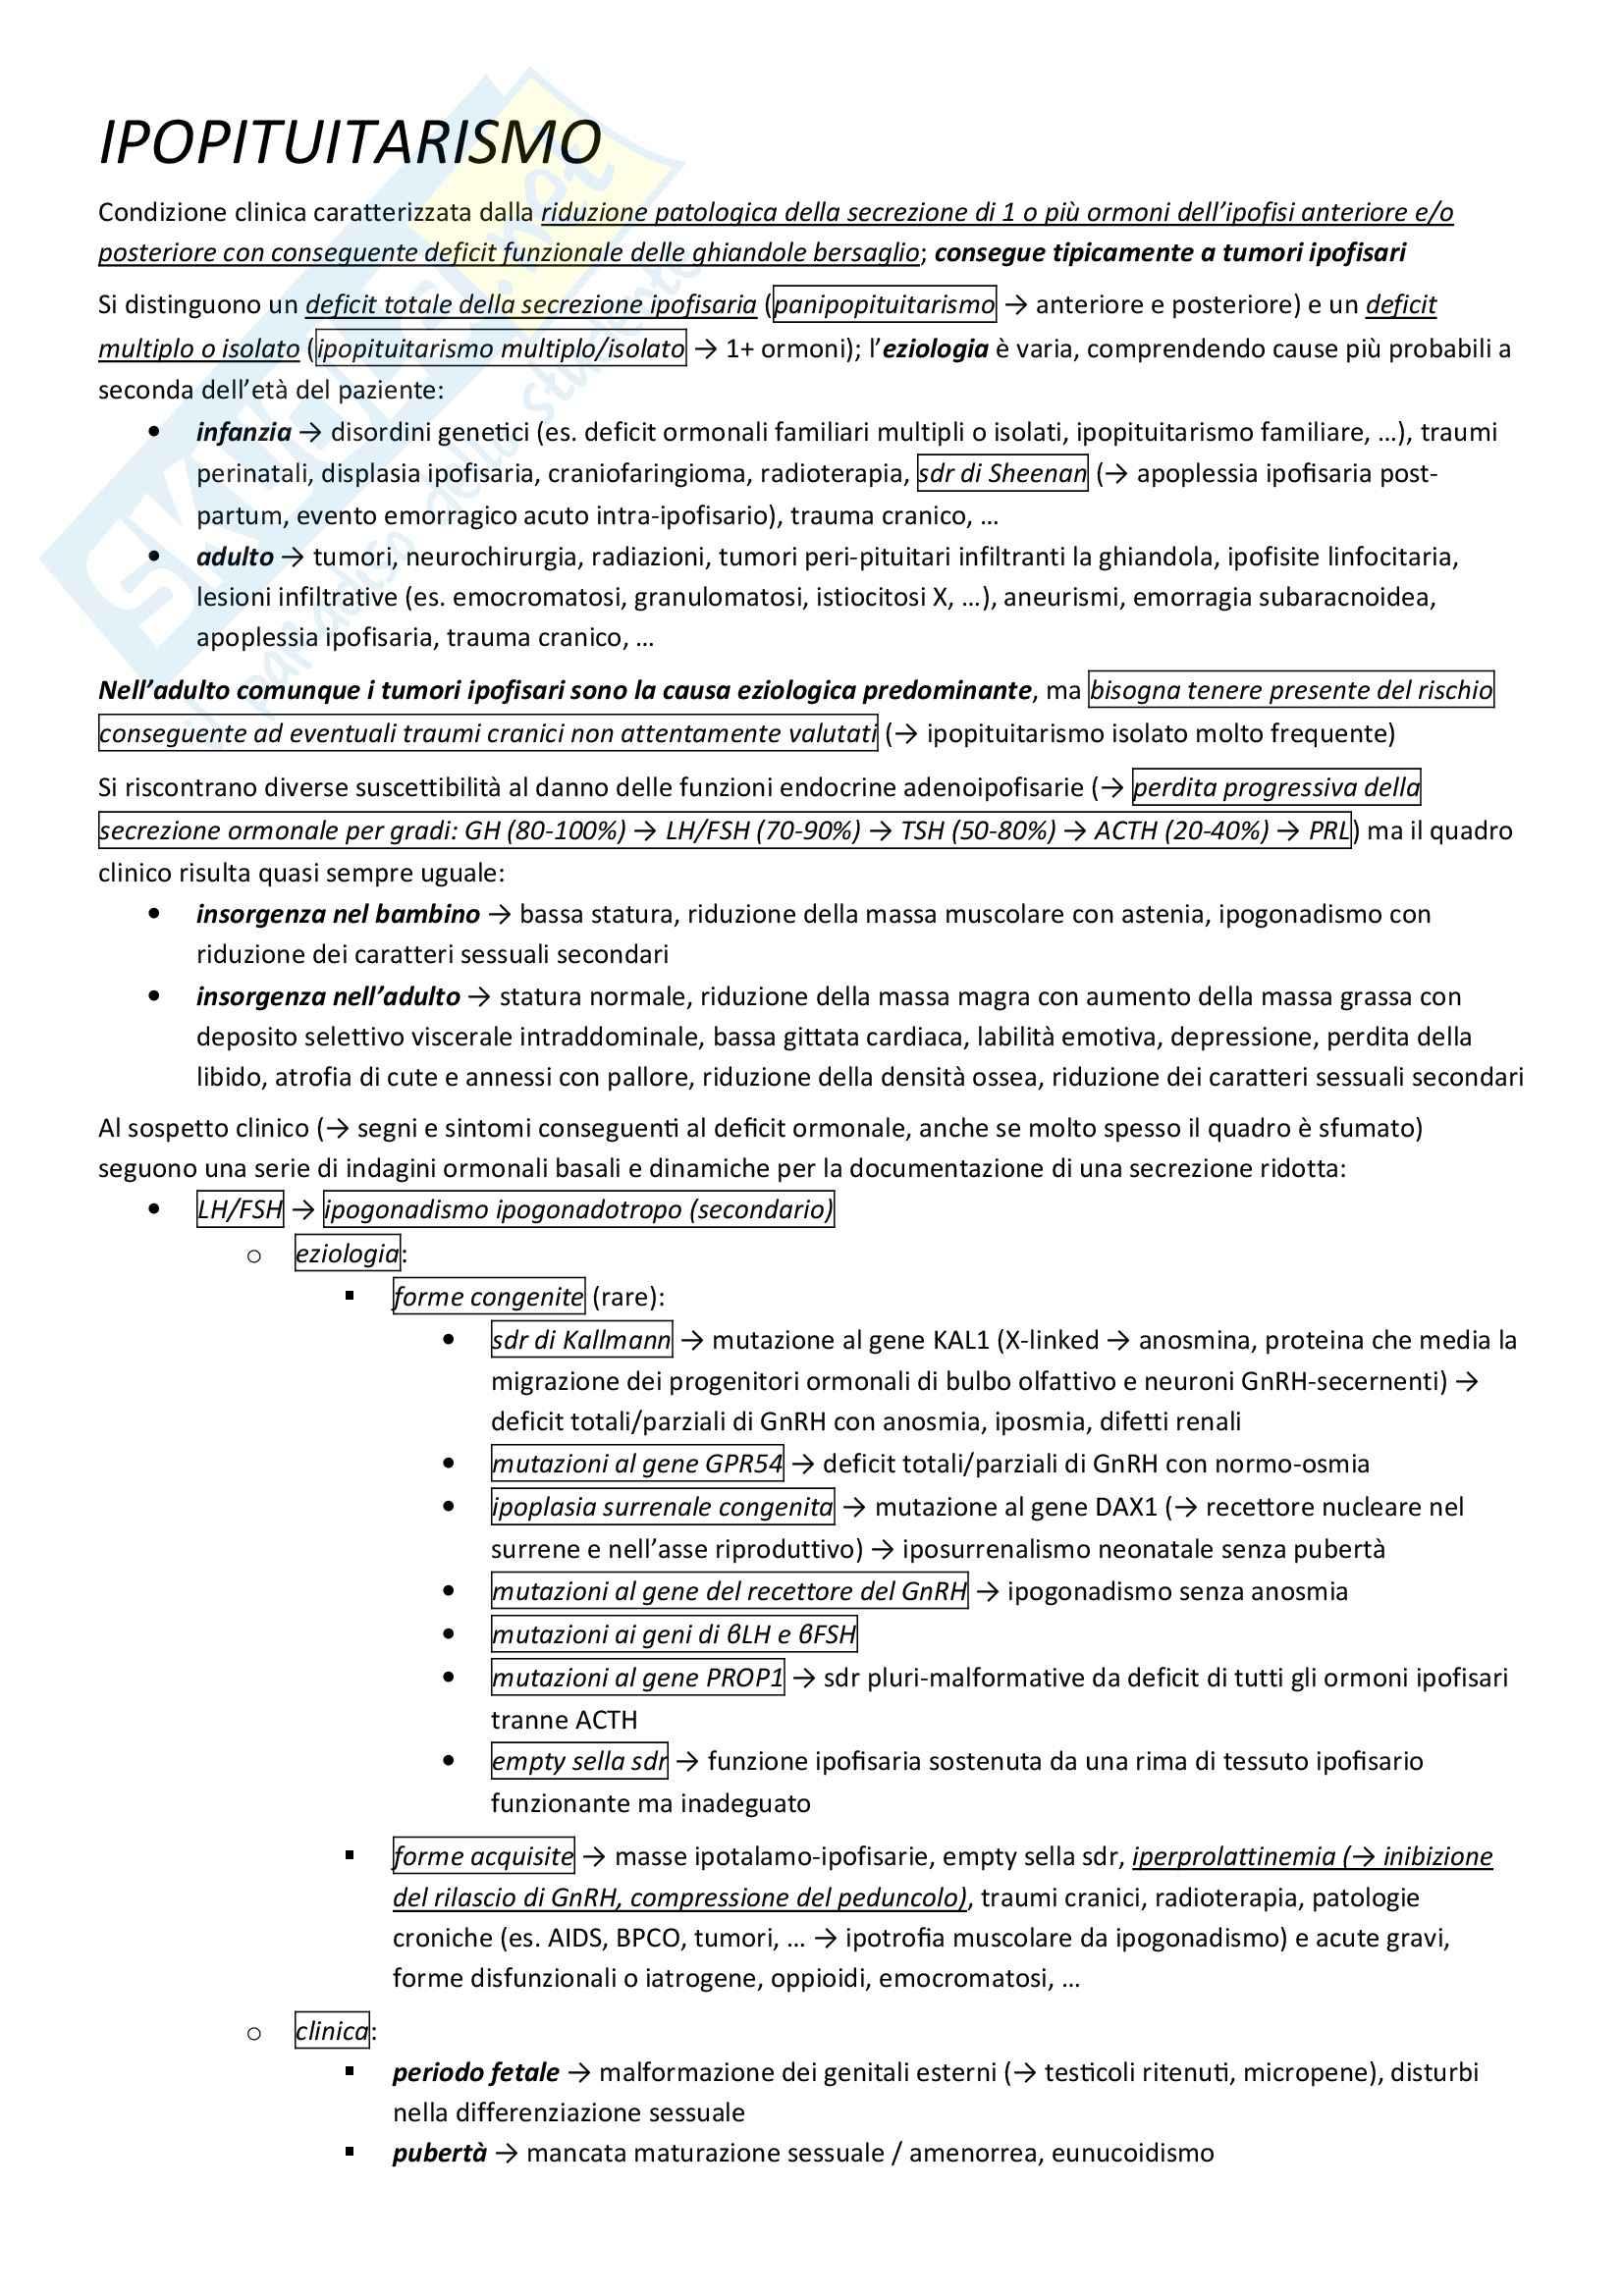 Endocrinologia - ipopituitarismo